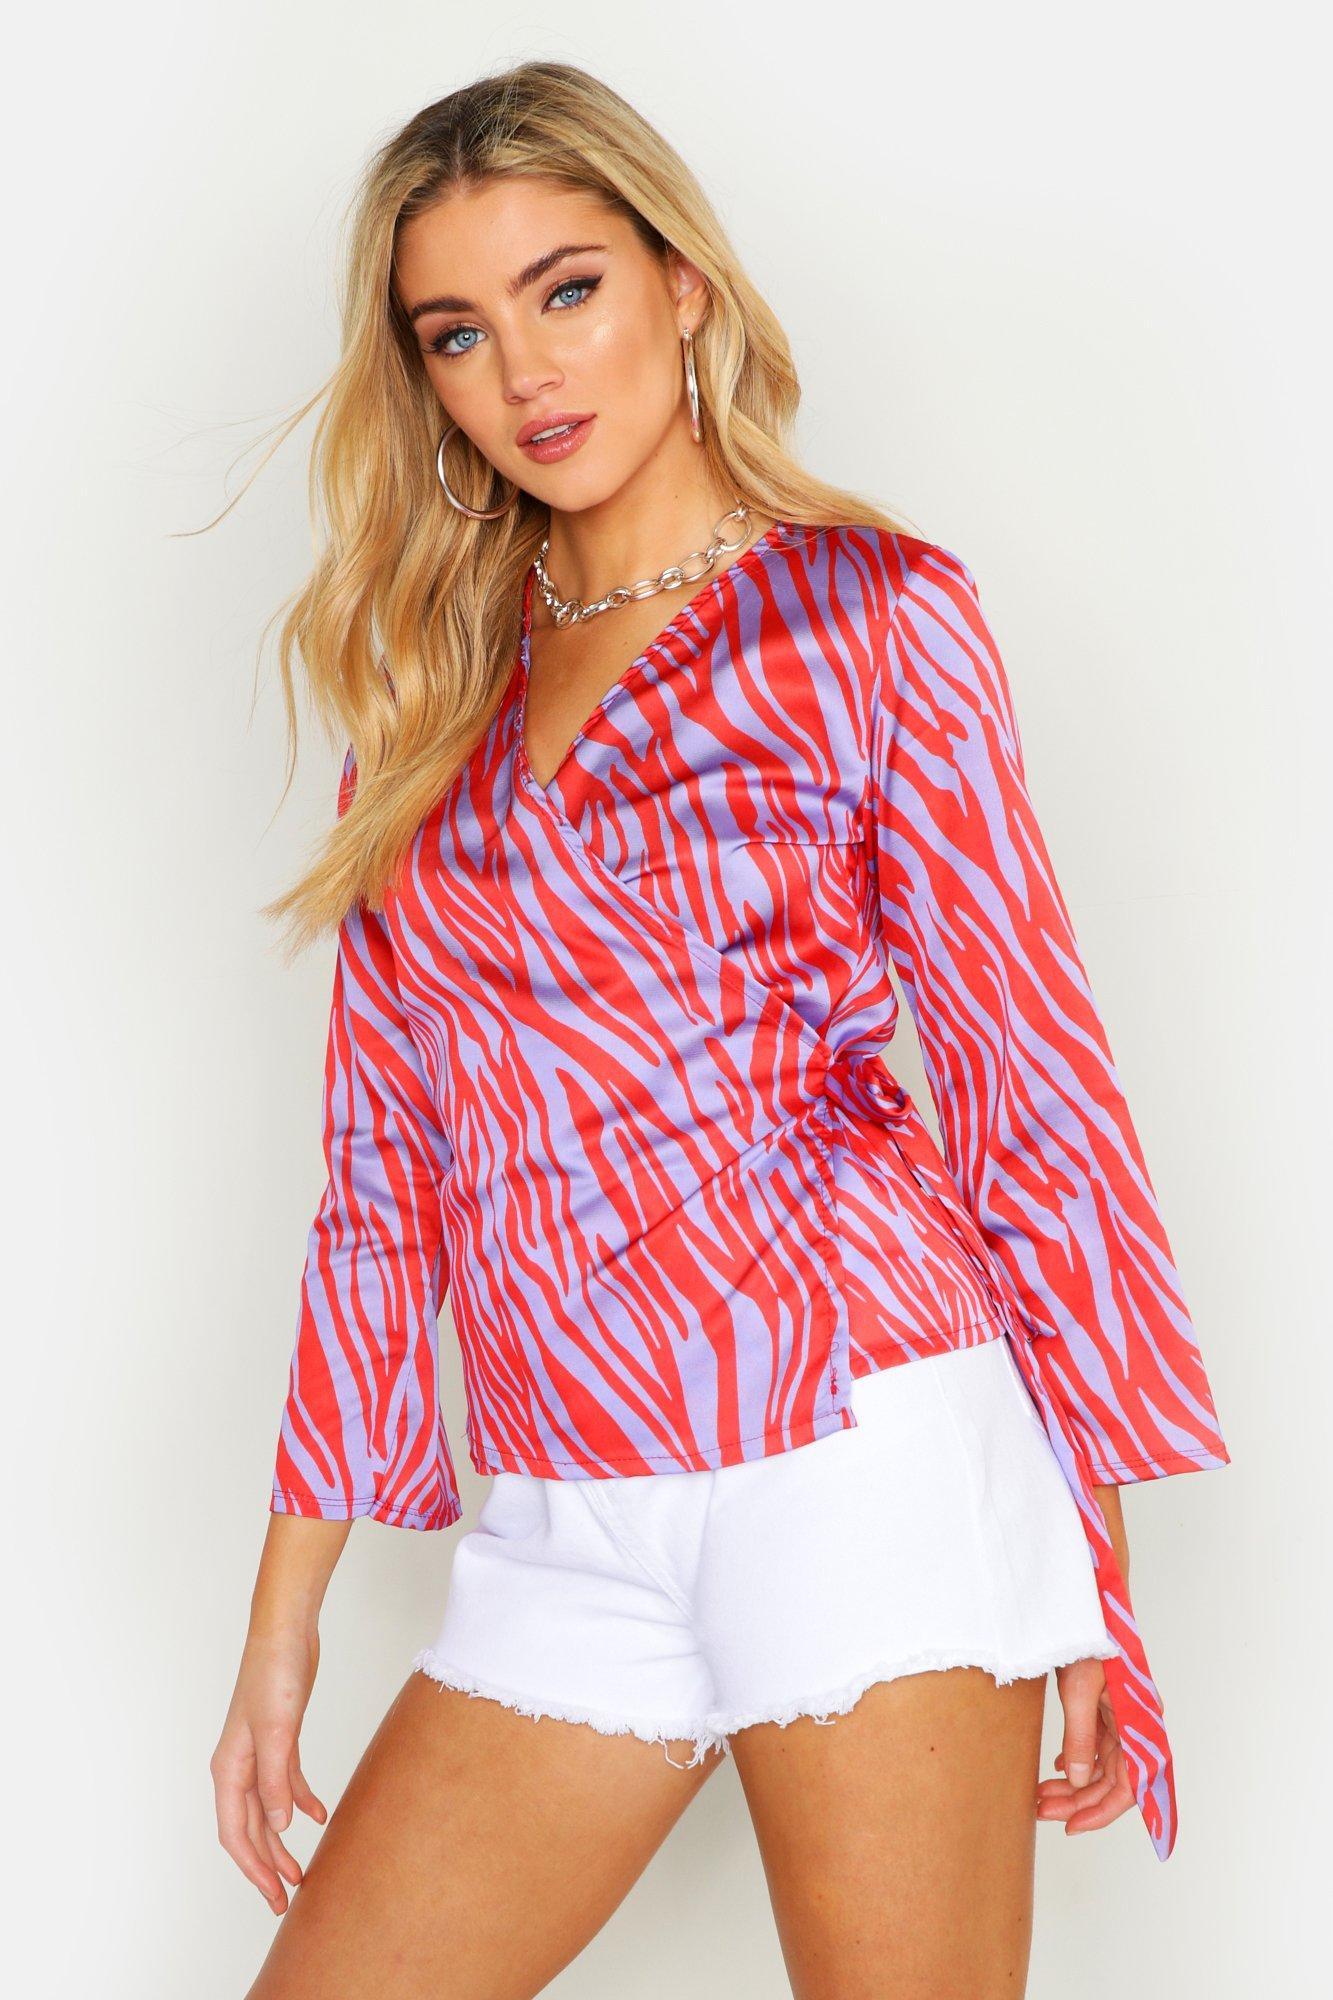 Womens Bluse mit Wickeldesign und Zebra-Print - Flieder - 34, Flieder - Boohoo.com